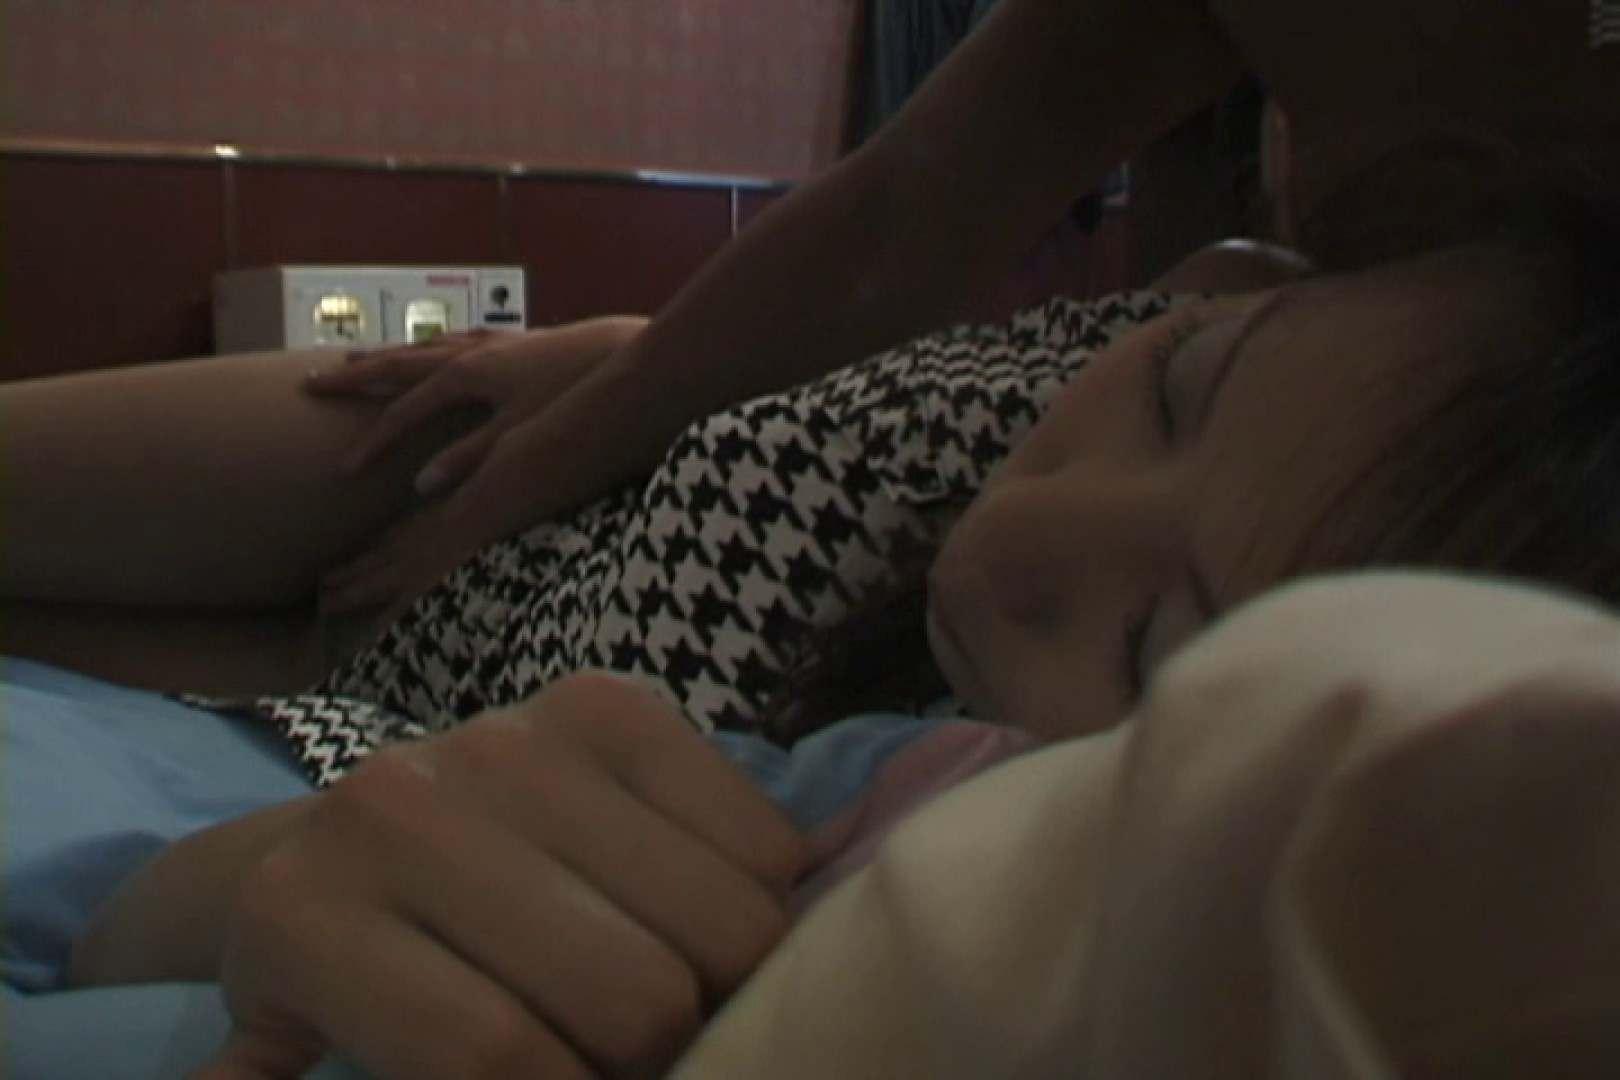 旦那との愛よりも、愛人とのSEX~片瀬梨子~vol,1 OLのエッチ 濡れ場動画紹介 107pic 51